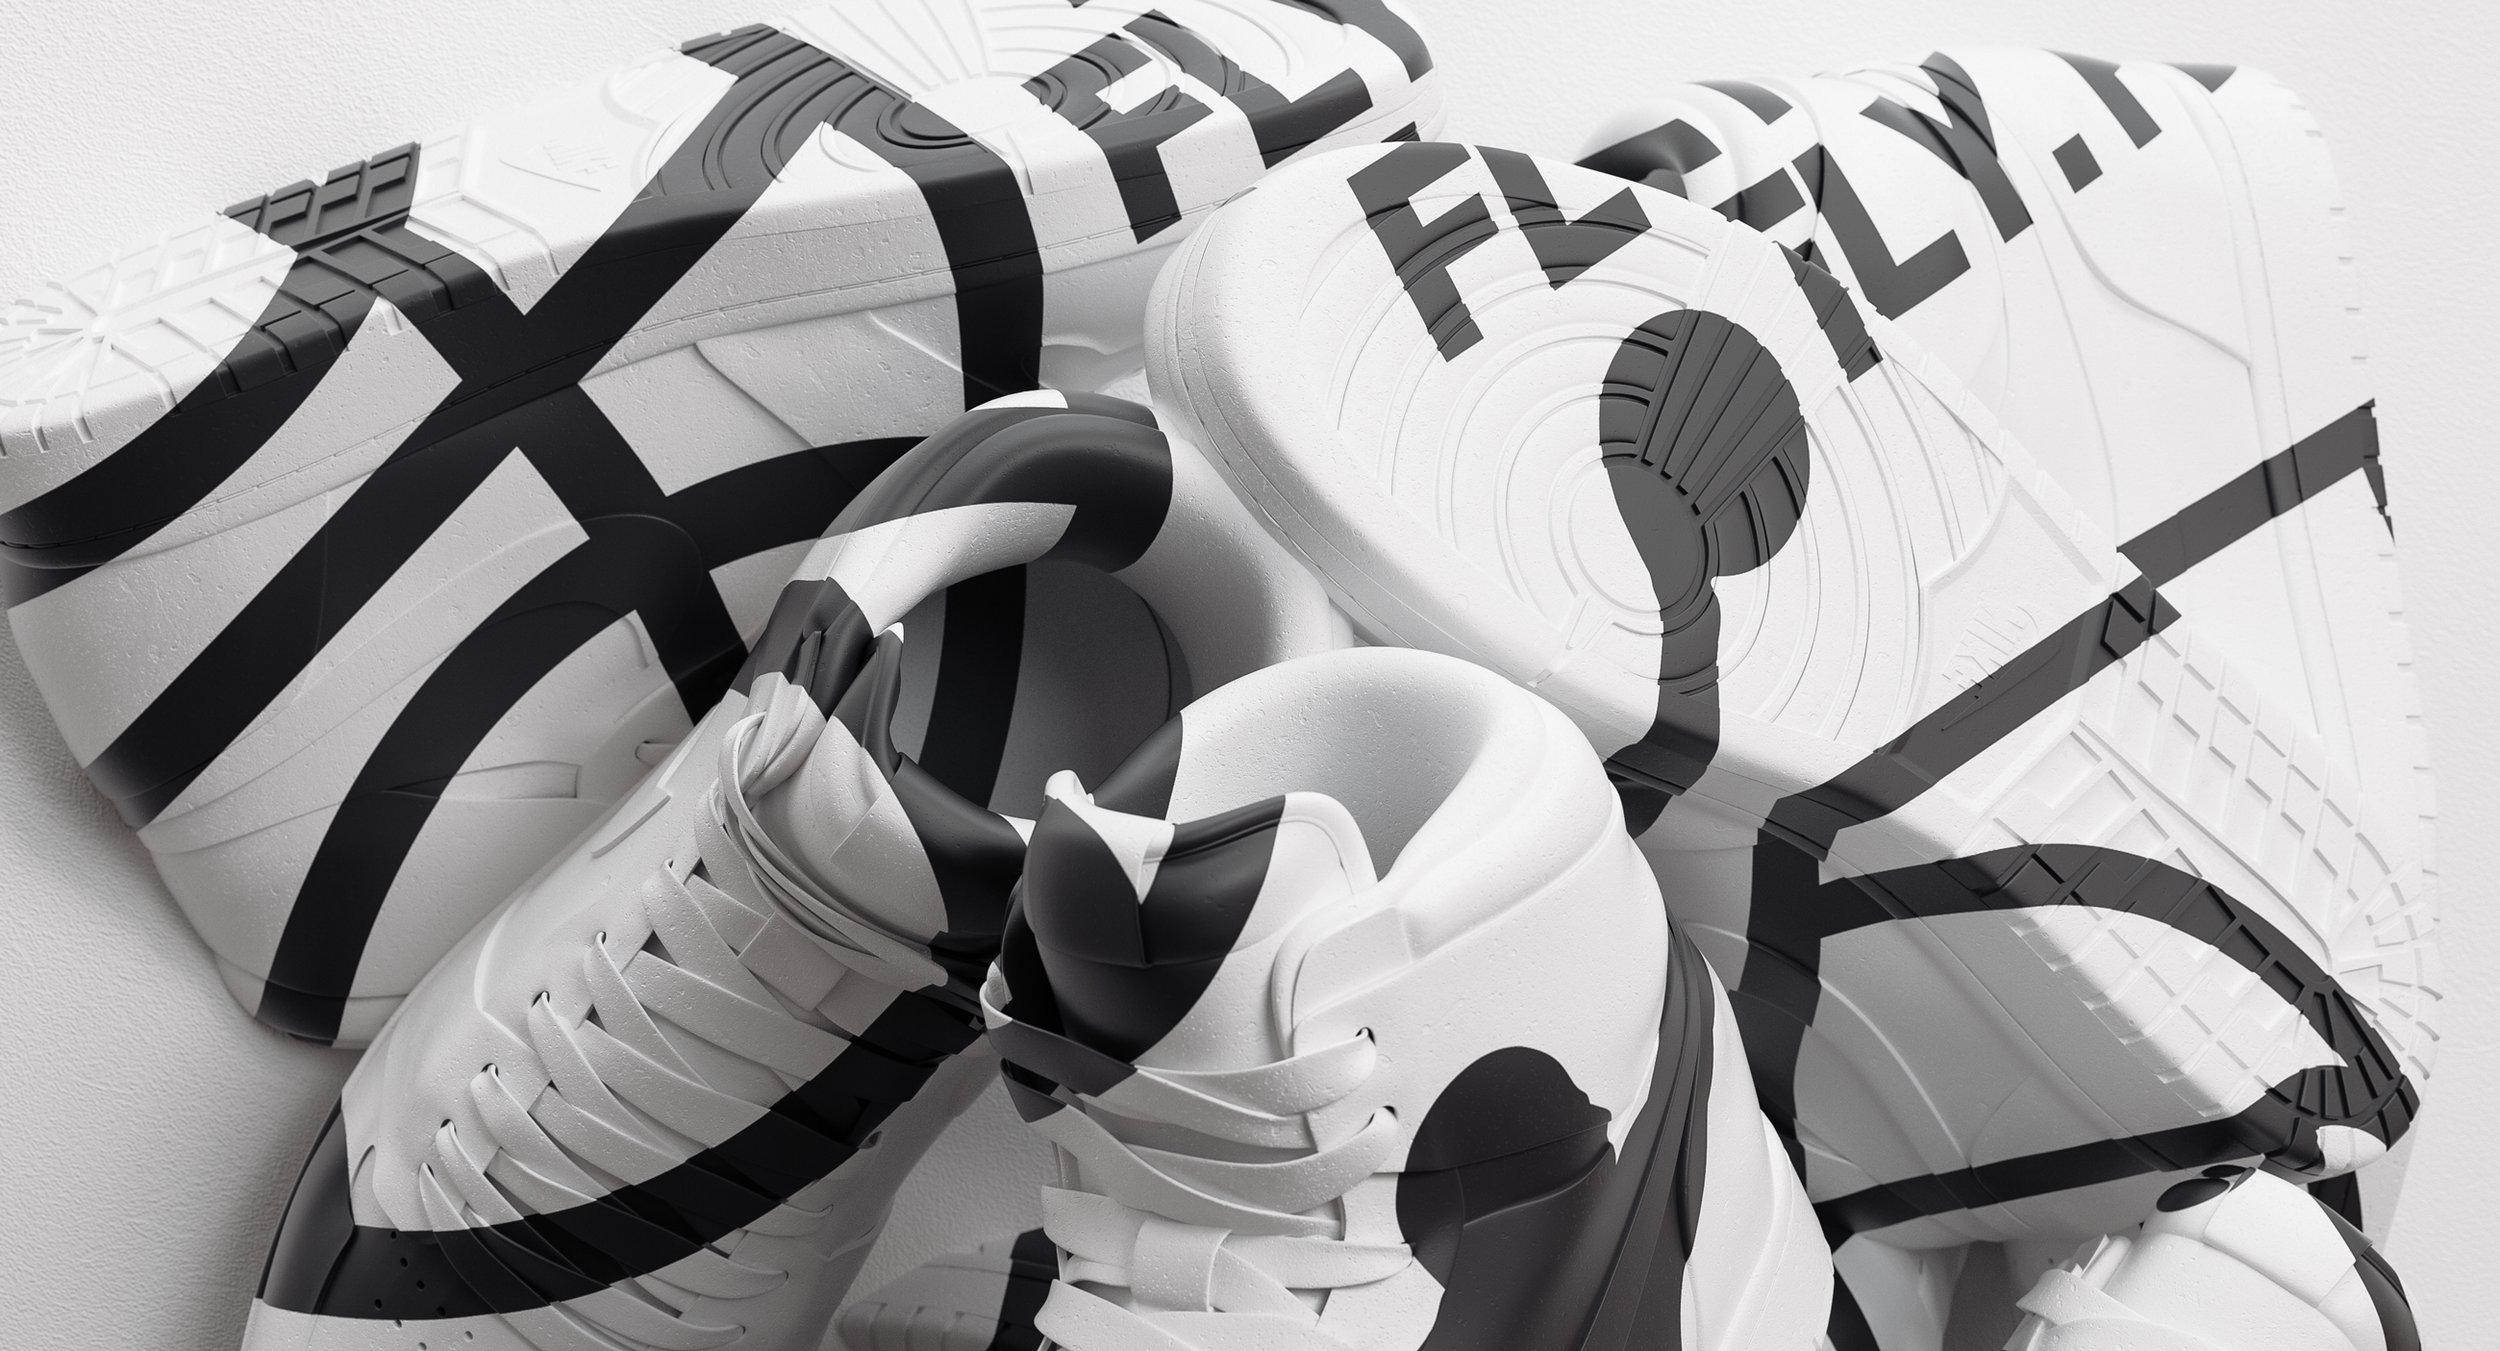 AnamorphicSculptures_NikeJordan_Ben-Fearnley-Landscape-DOF01.jpg